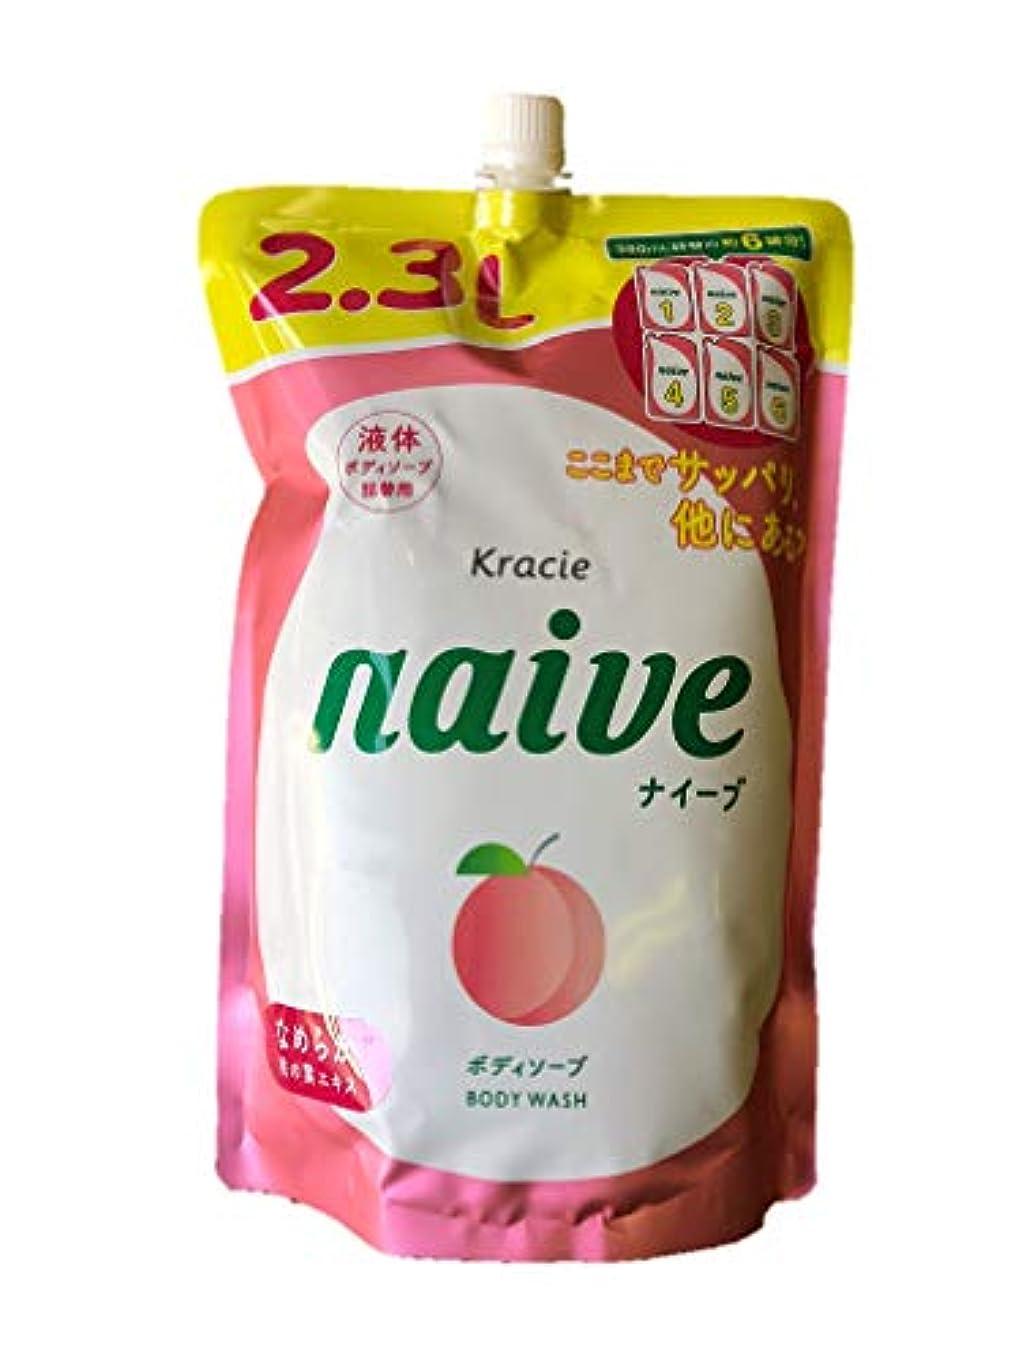 分配します制限された眉をひそめる【大容量2.3L】ナイーブ 植物性ボディーソープ 自然でやさしい桃の香り 2300ml